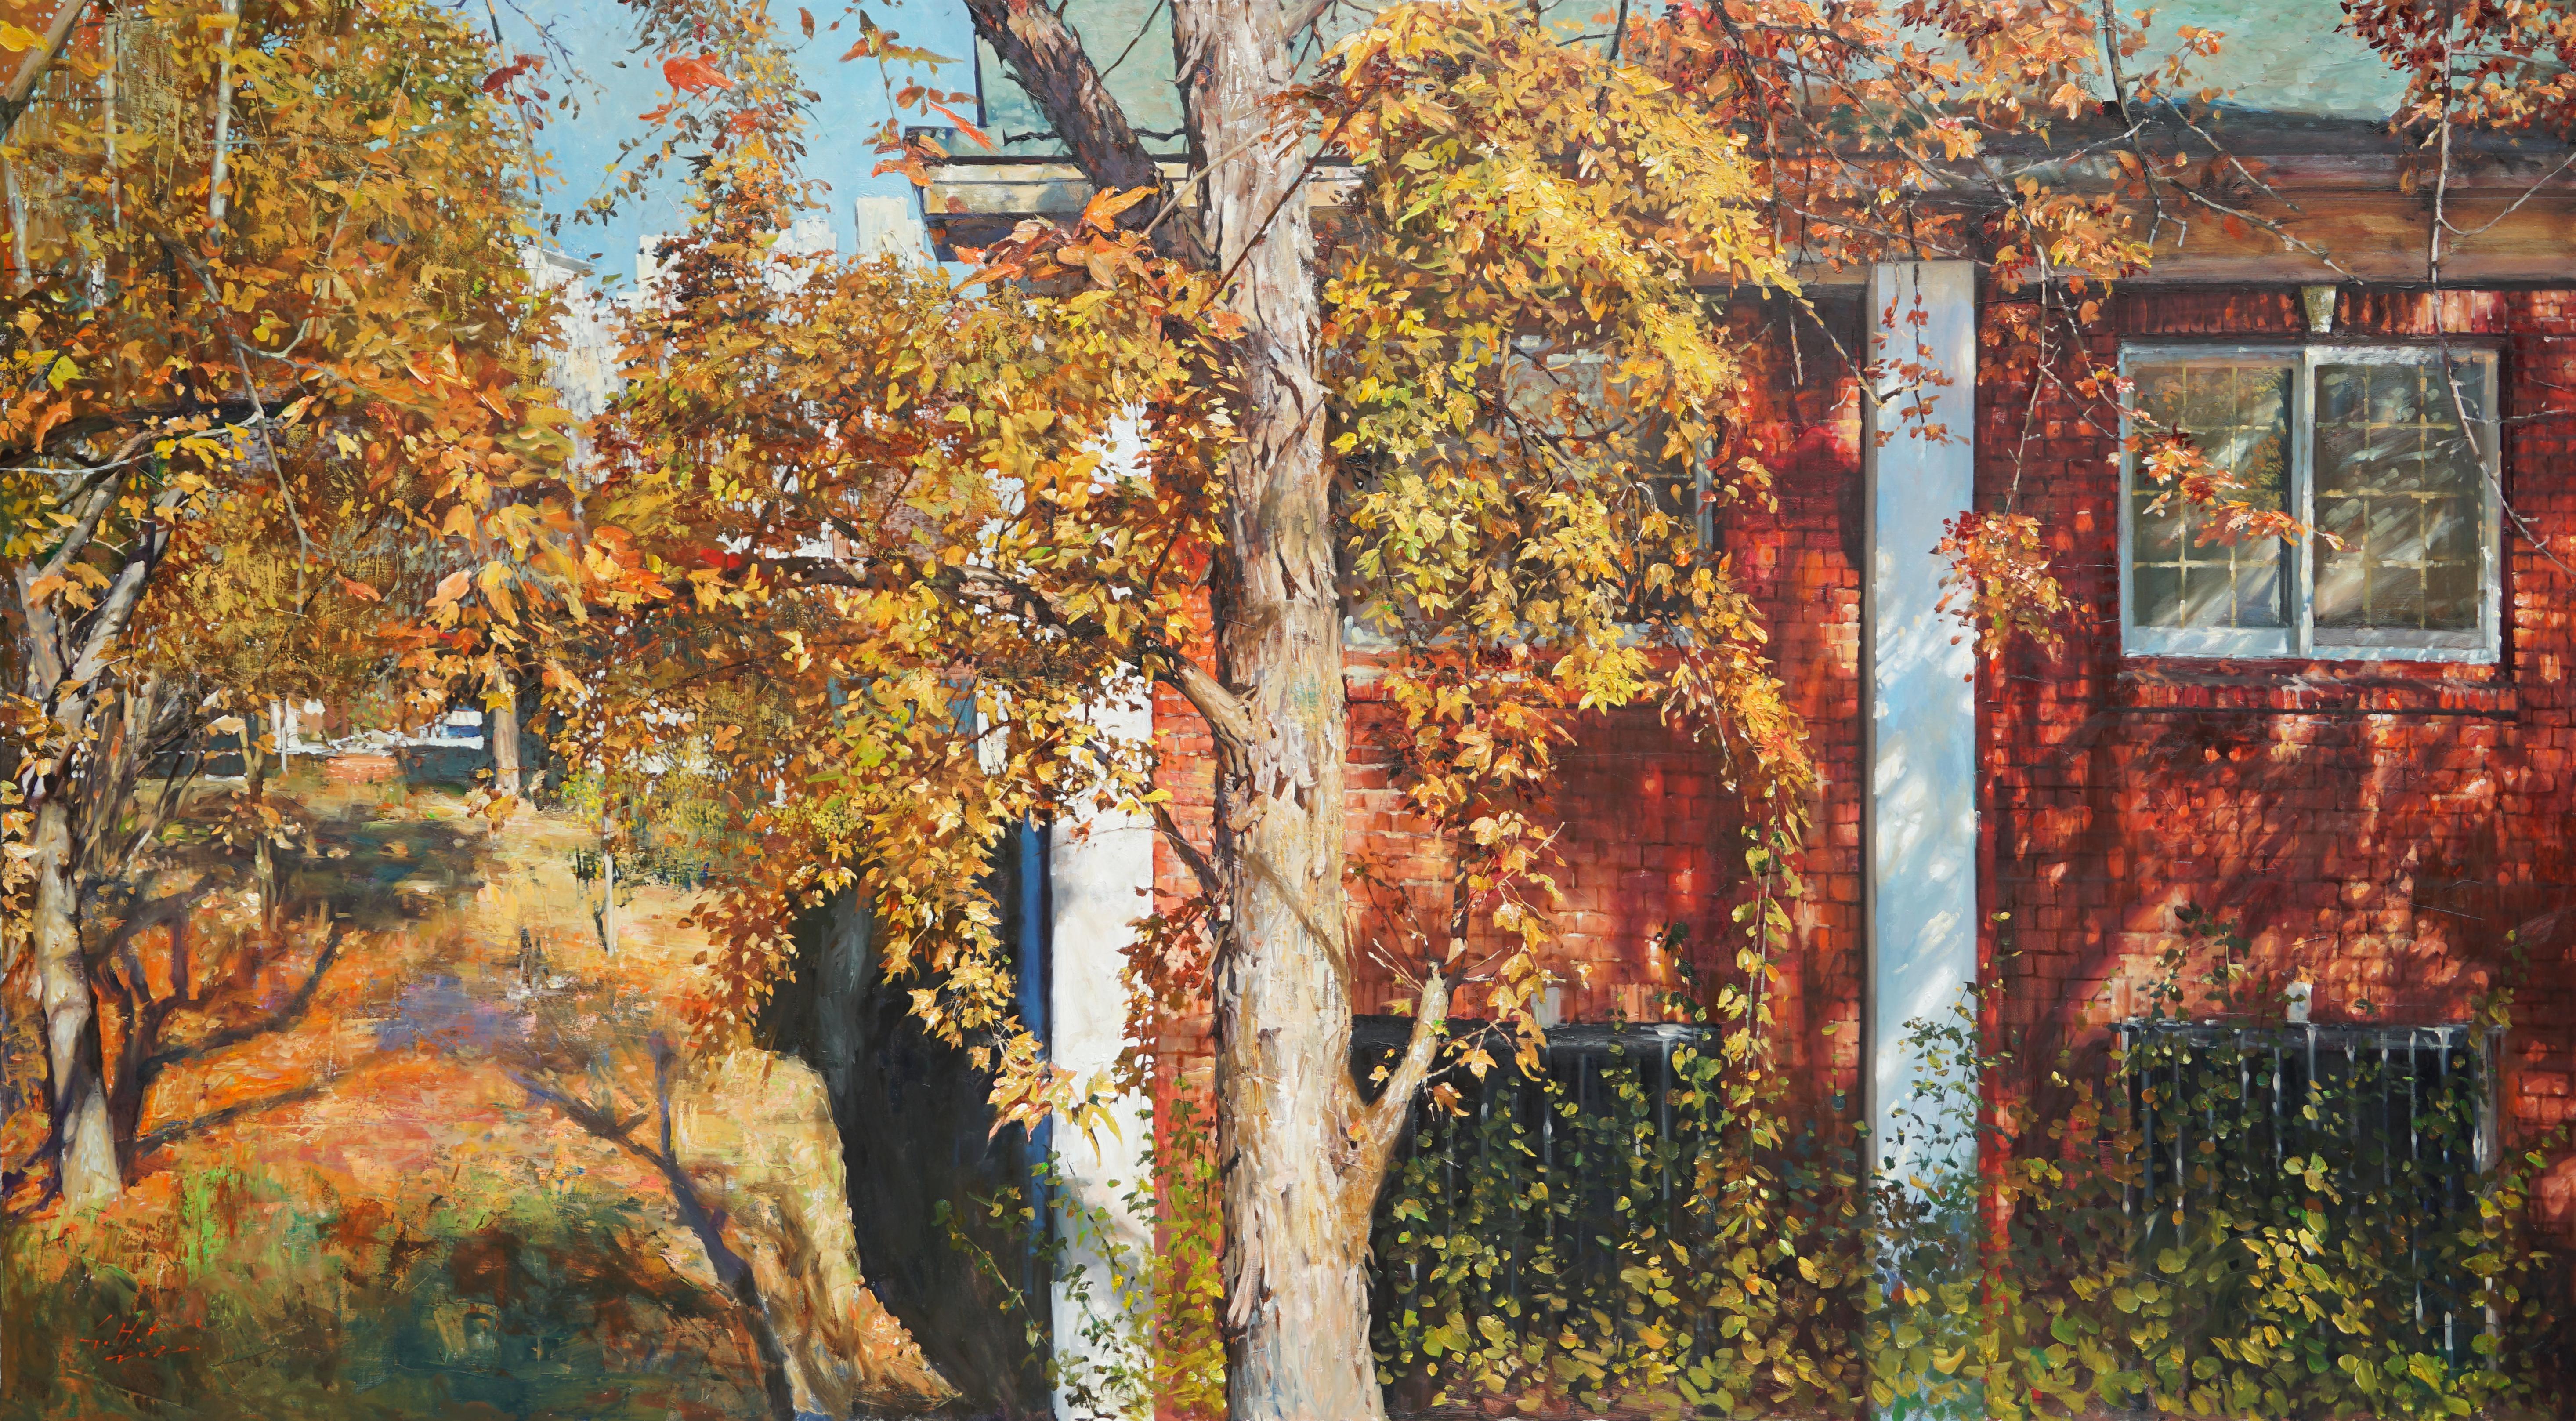 대명동의 가을 162.2x90 Oil on canvas 2020